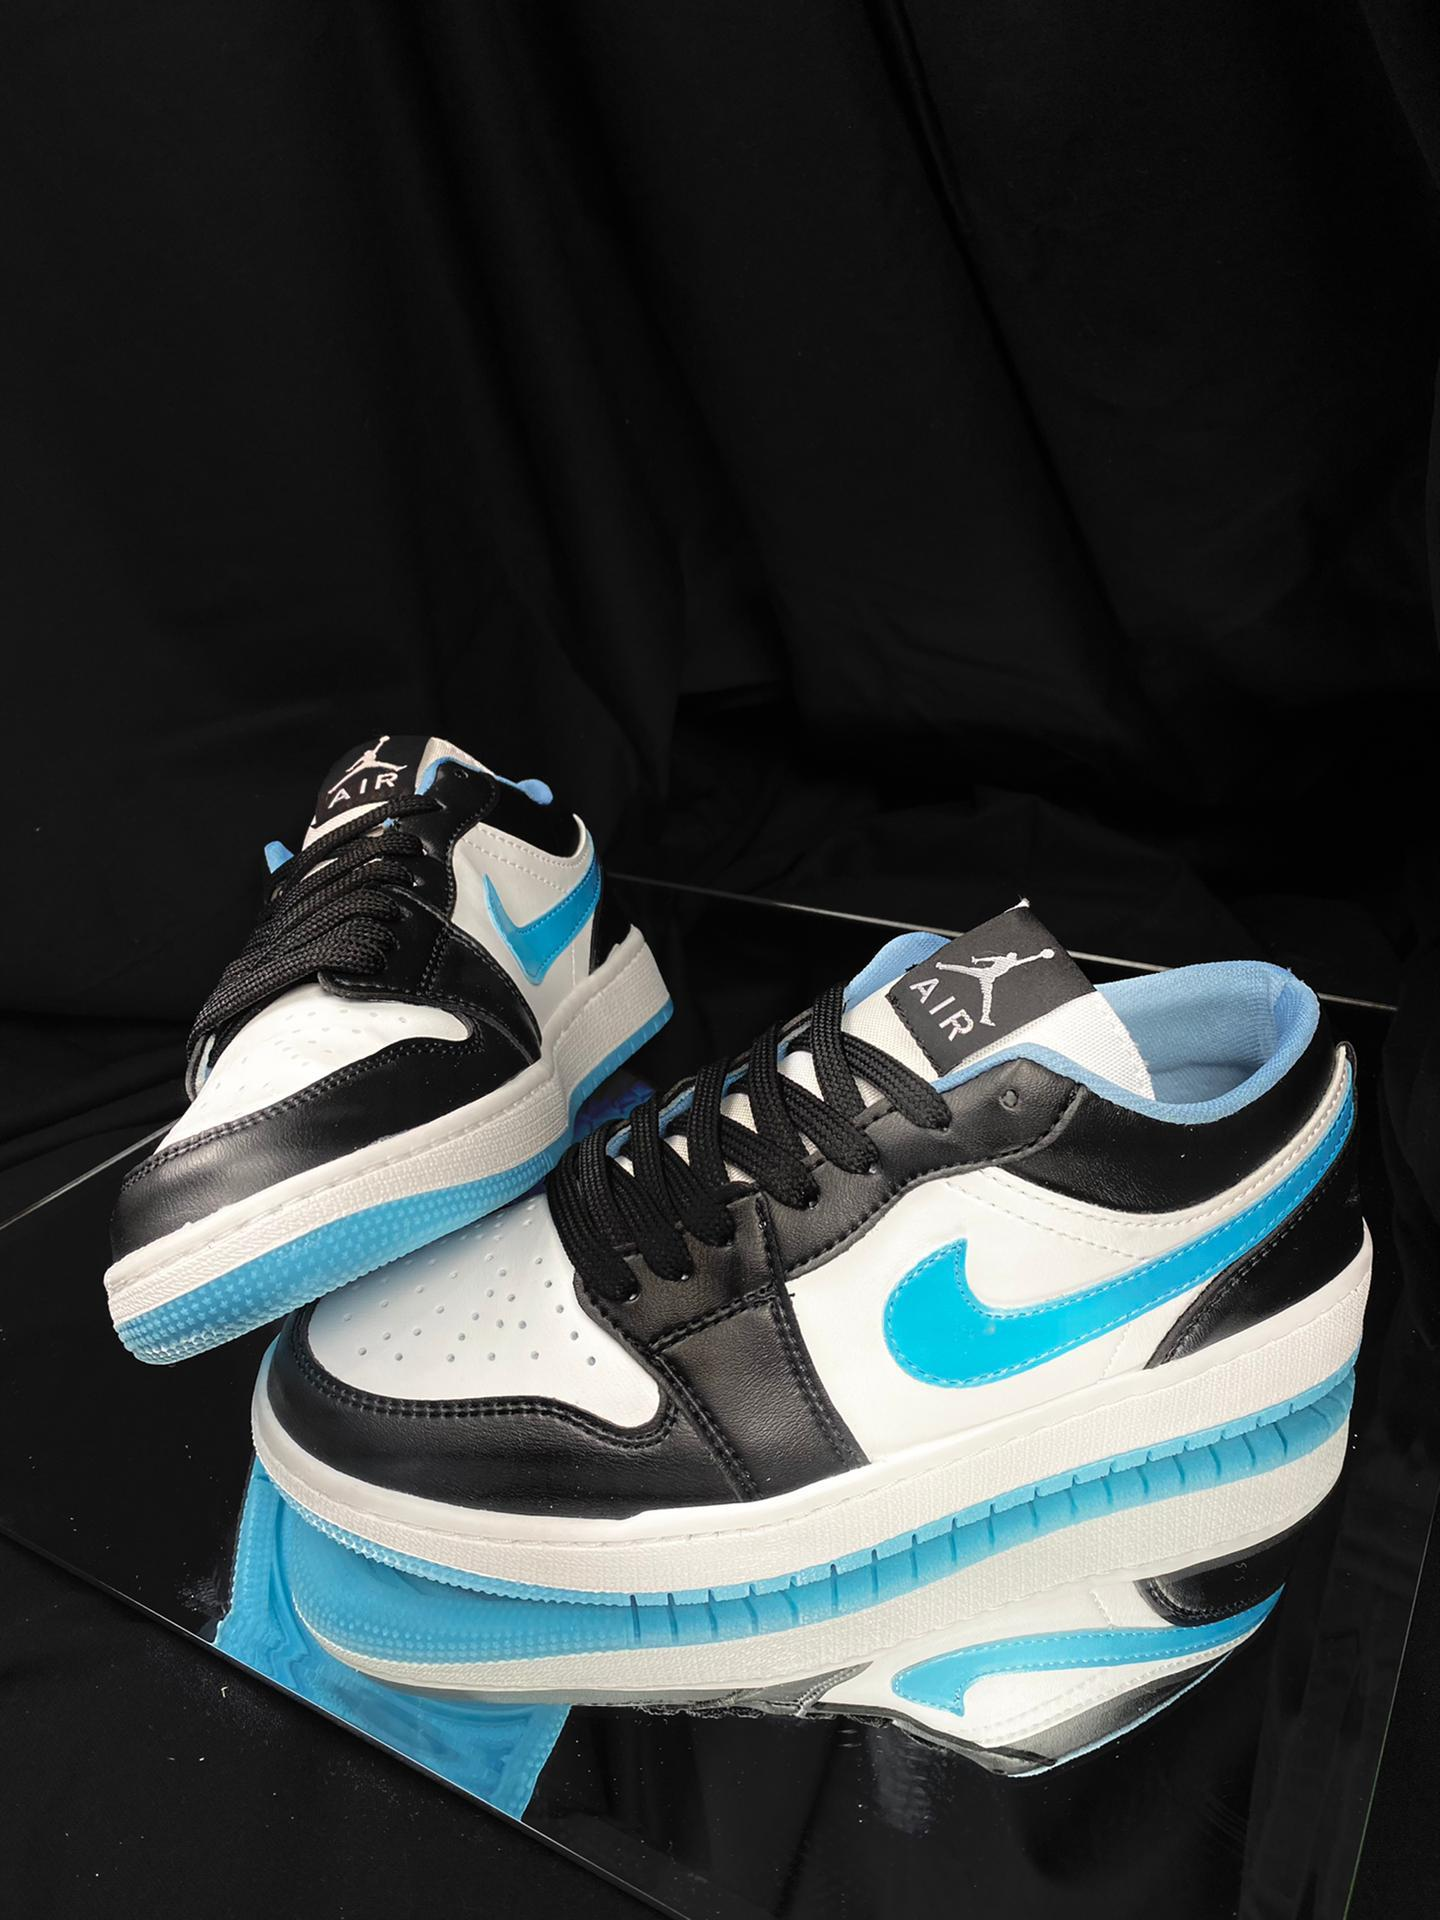 Zapatillas de deporte bajas en azul/blanco Air Jordan 1 SE de Nike